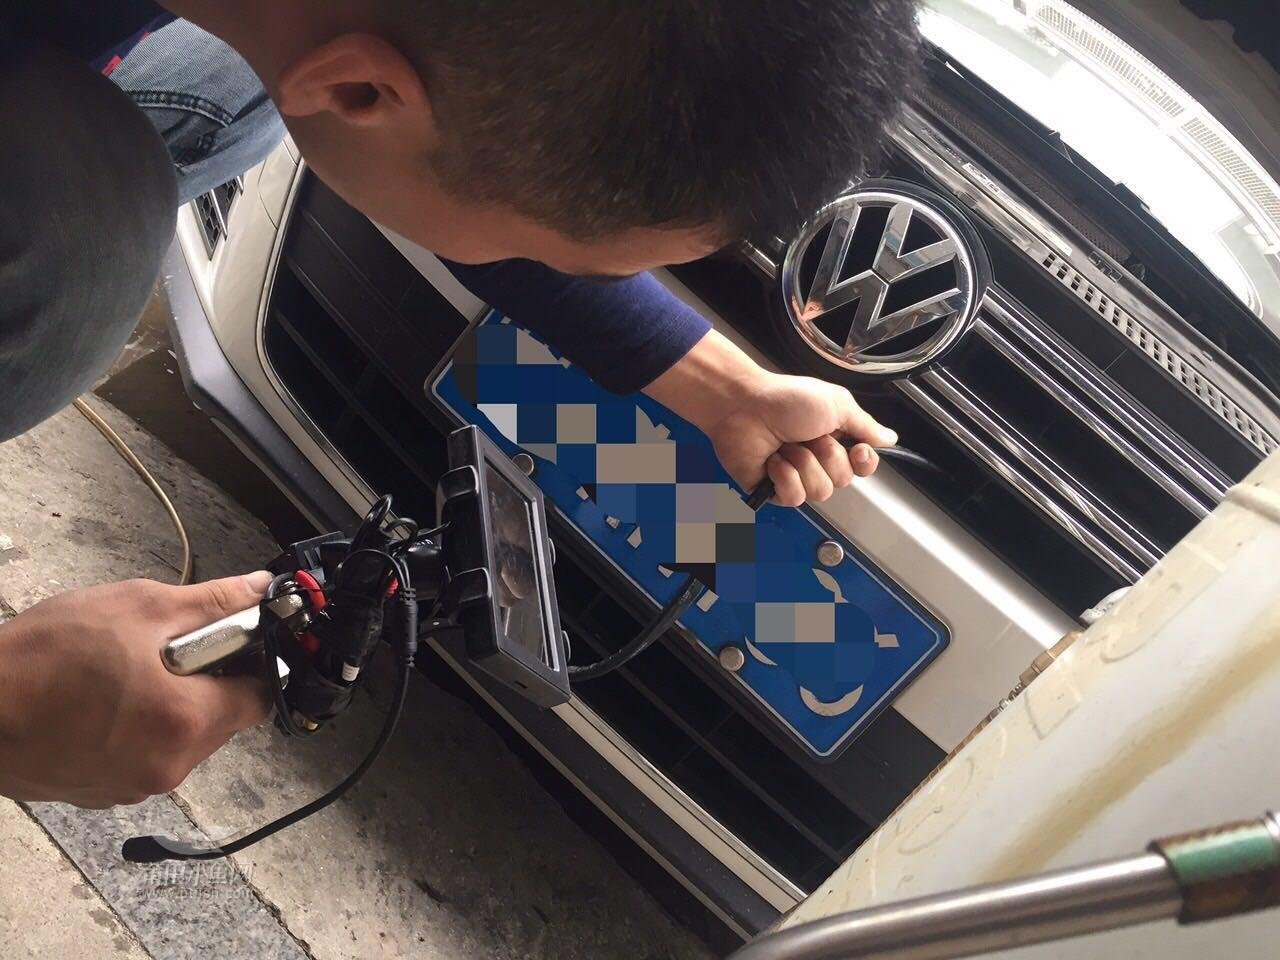 大众途观更换机油 机油格 空气格 空调格 清洗空调管道 清洗发动机